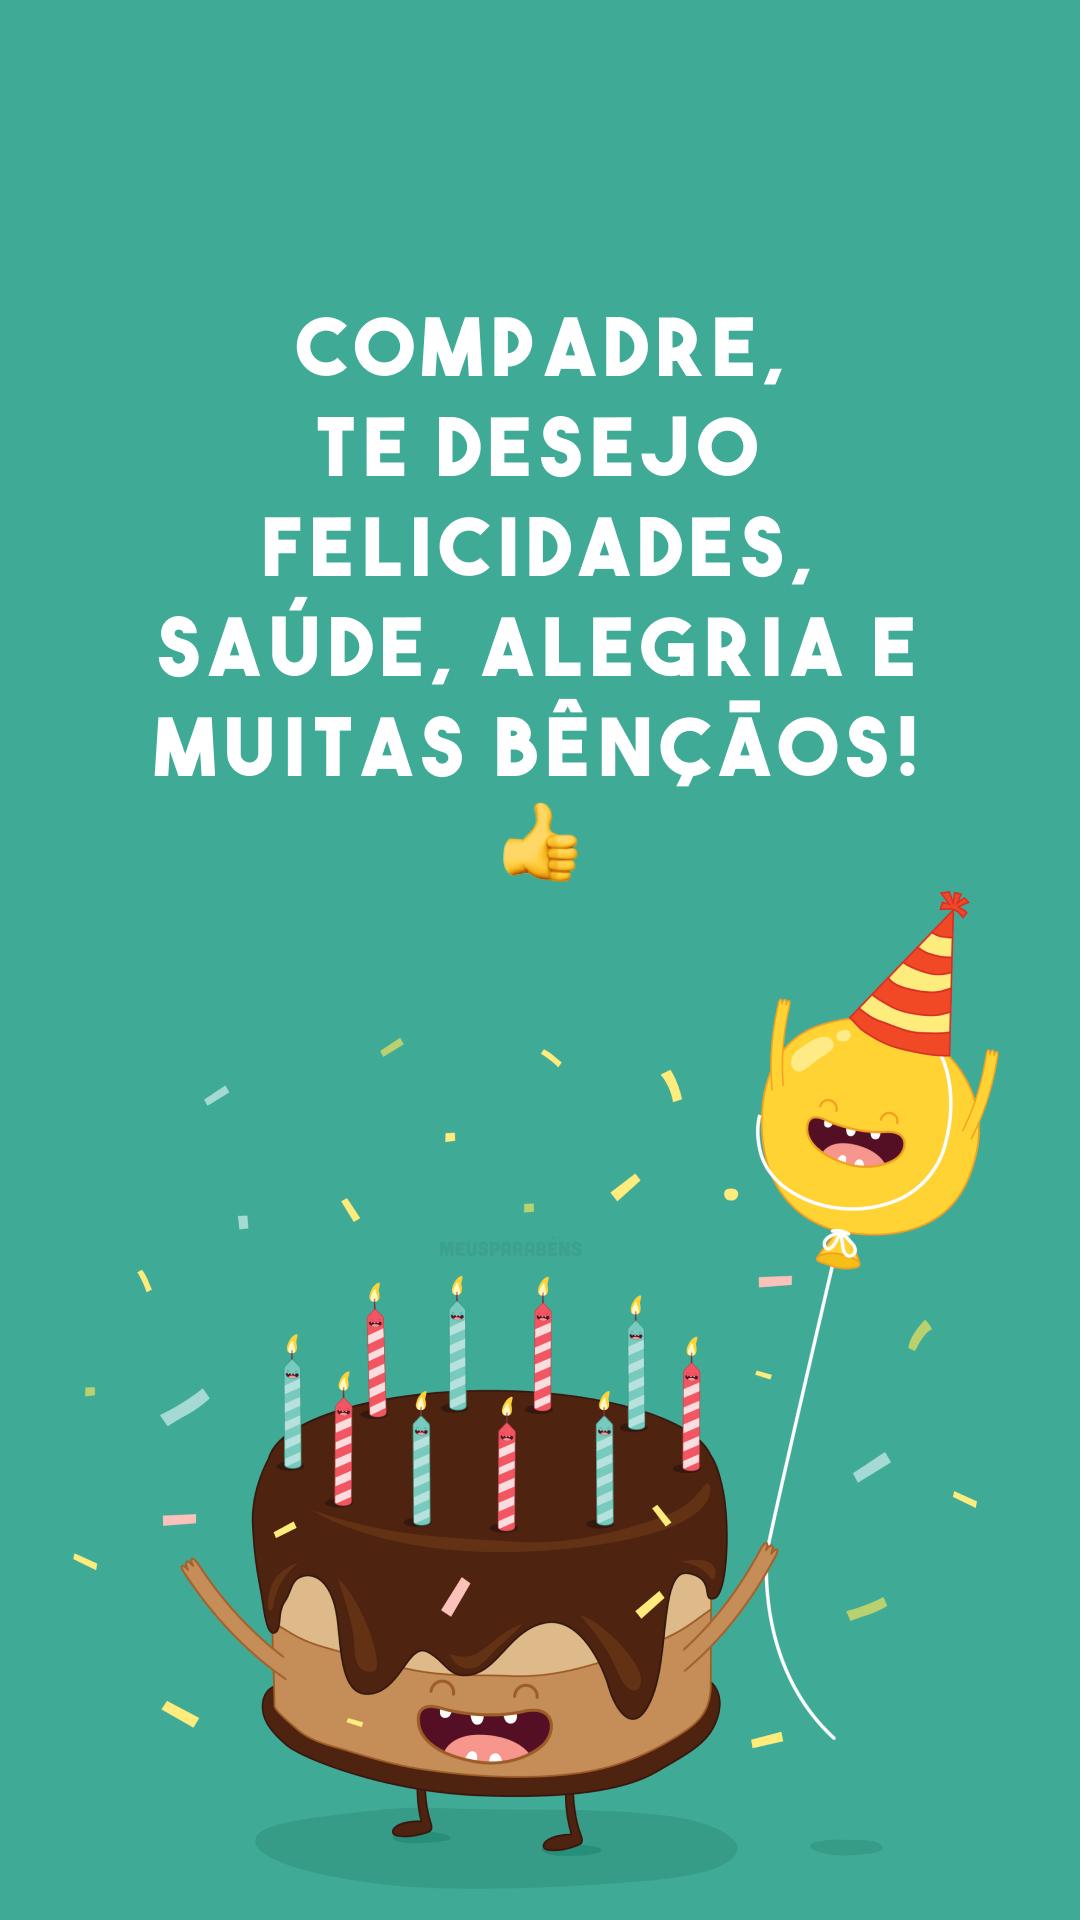 Compadre, te desejo felicidades, saúde, alegria e muitas bênçãos! 👍